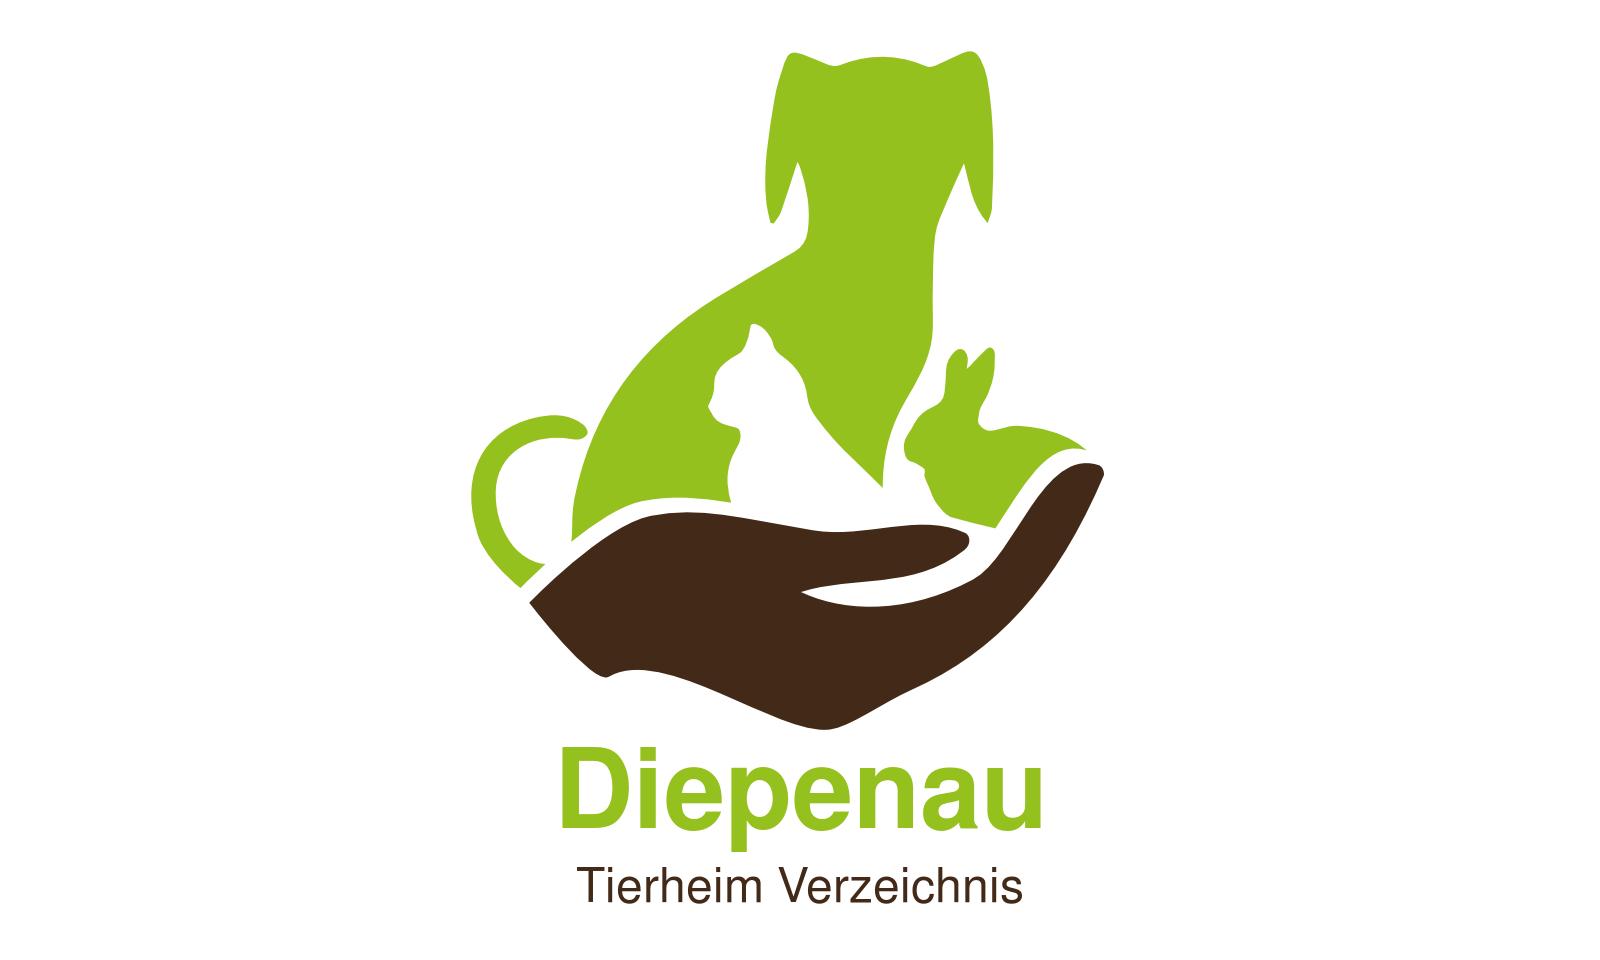 Tierheim Diepenau